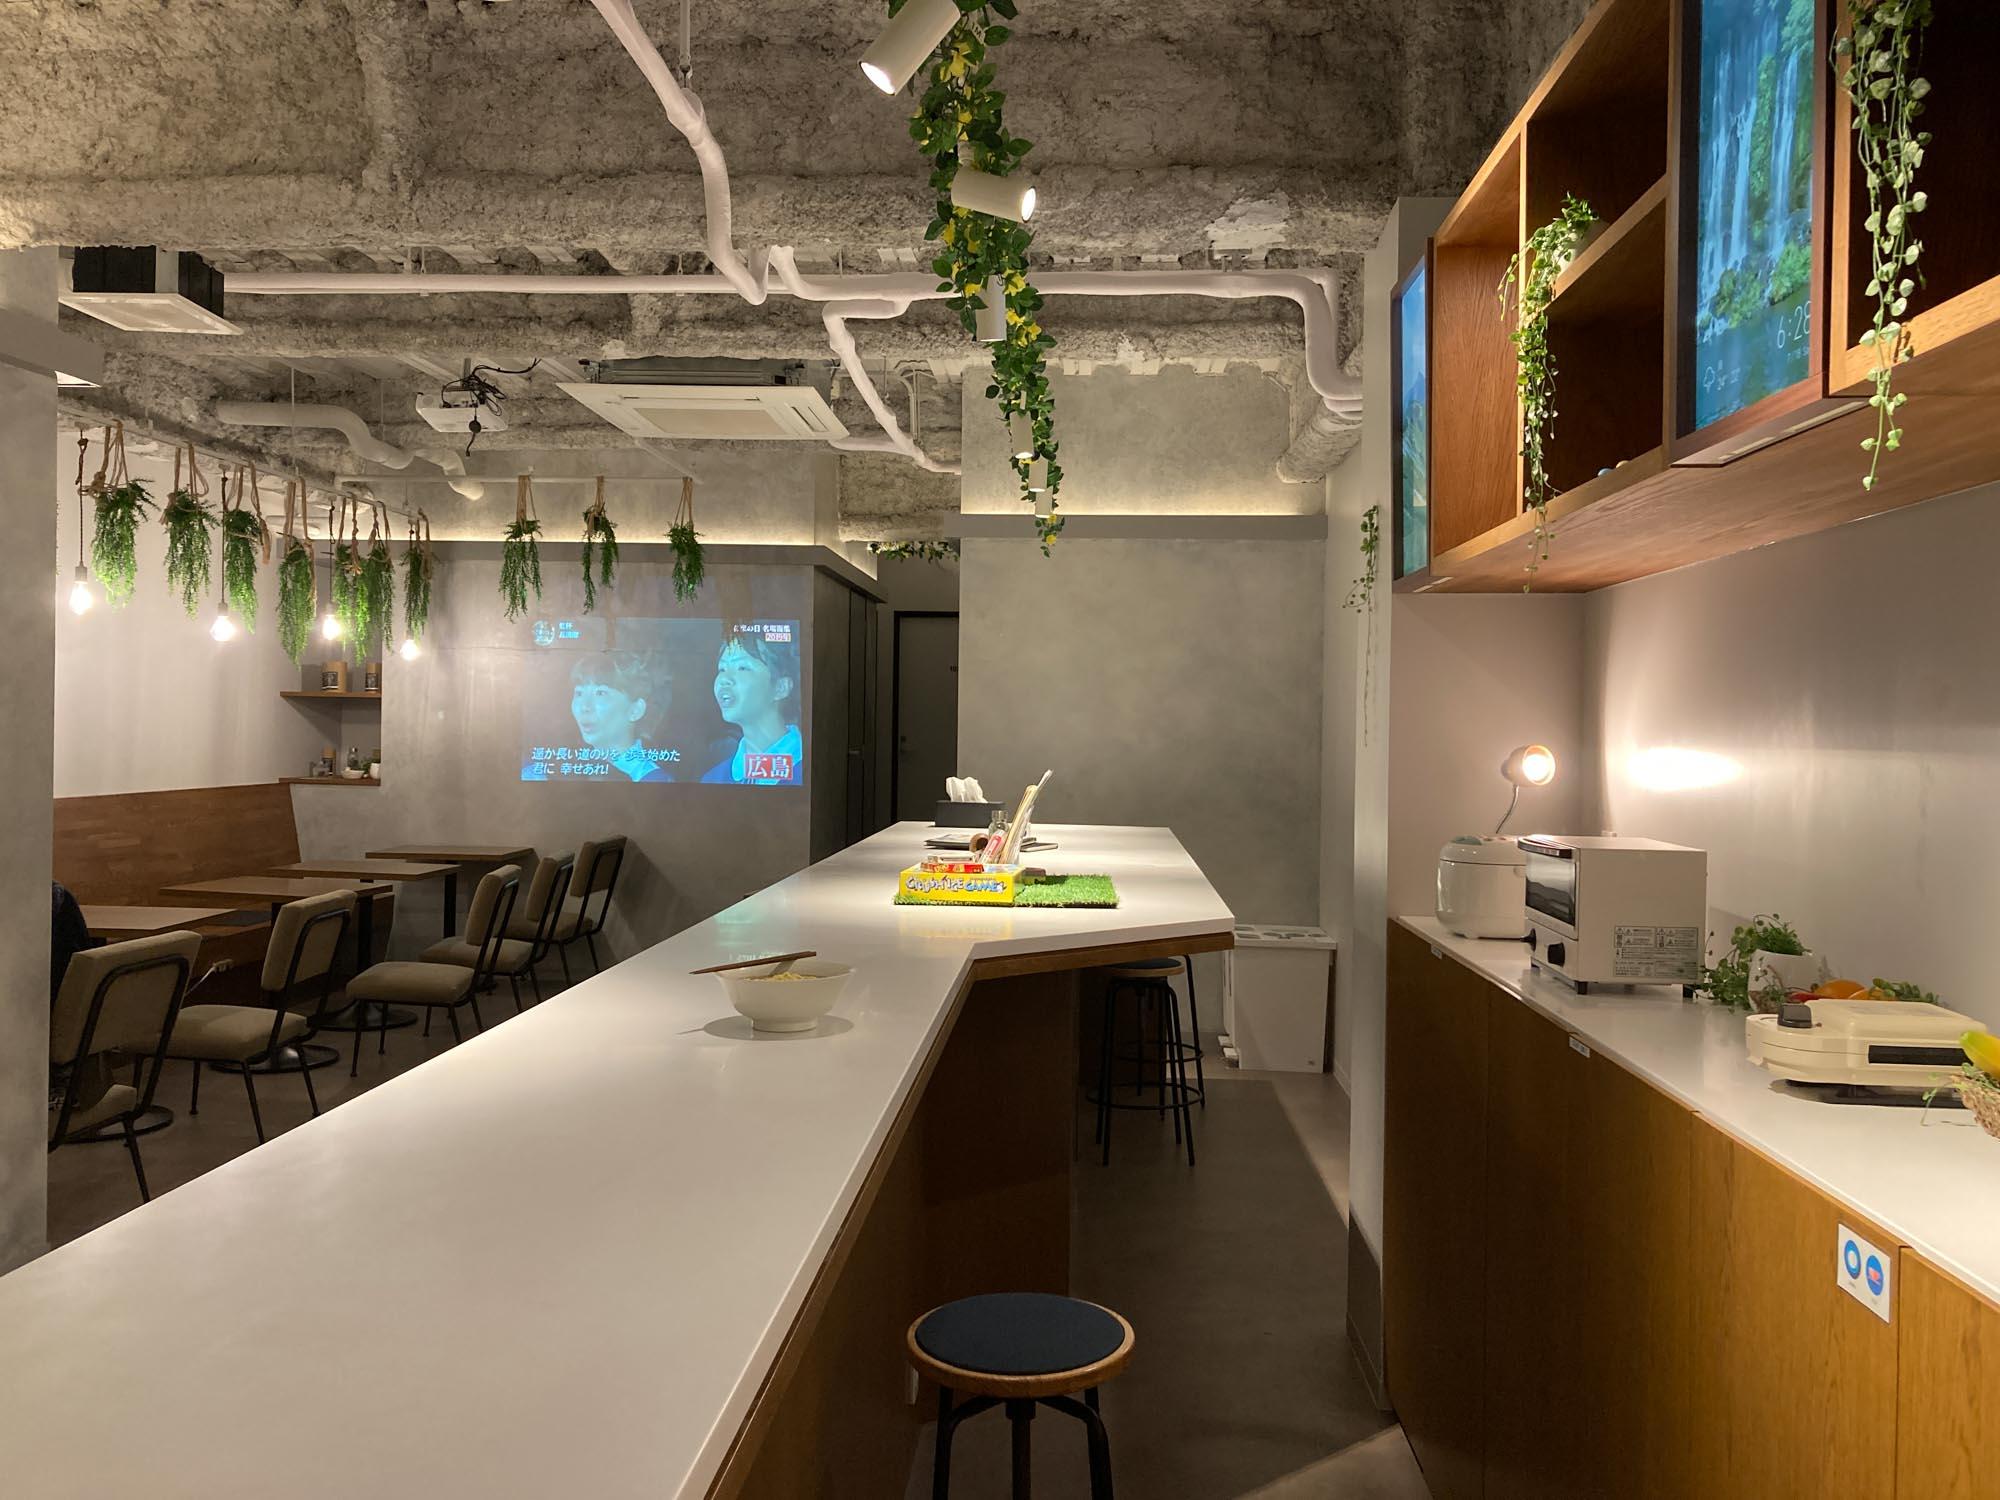 キッチン、カウンター、電源も使えるテーブル席とテレビがあって、宿泊者同士の交流も楽しめるスペースです。